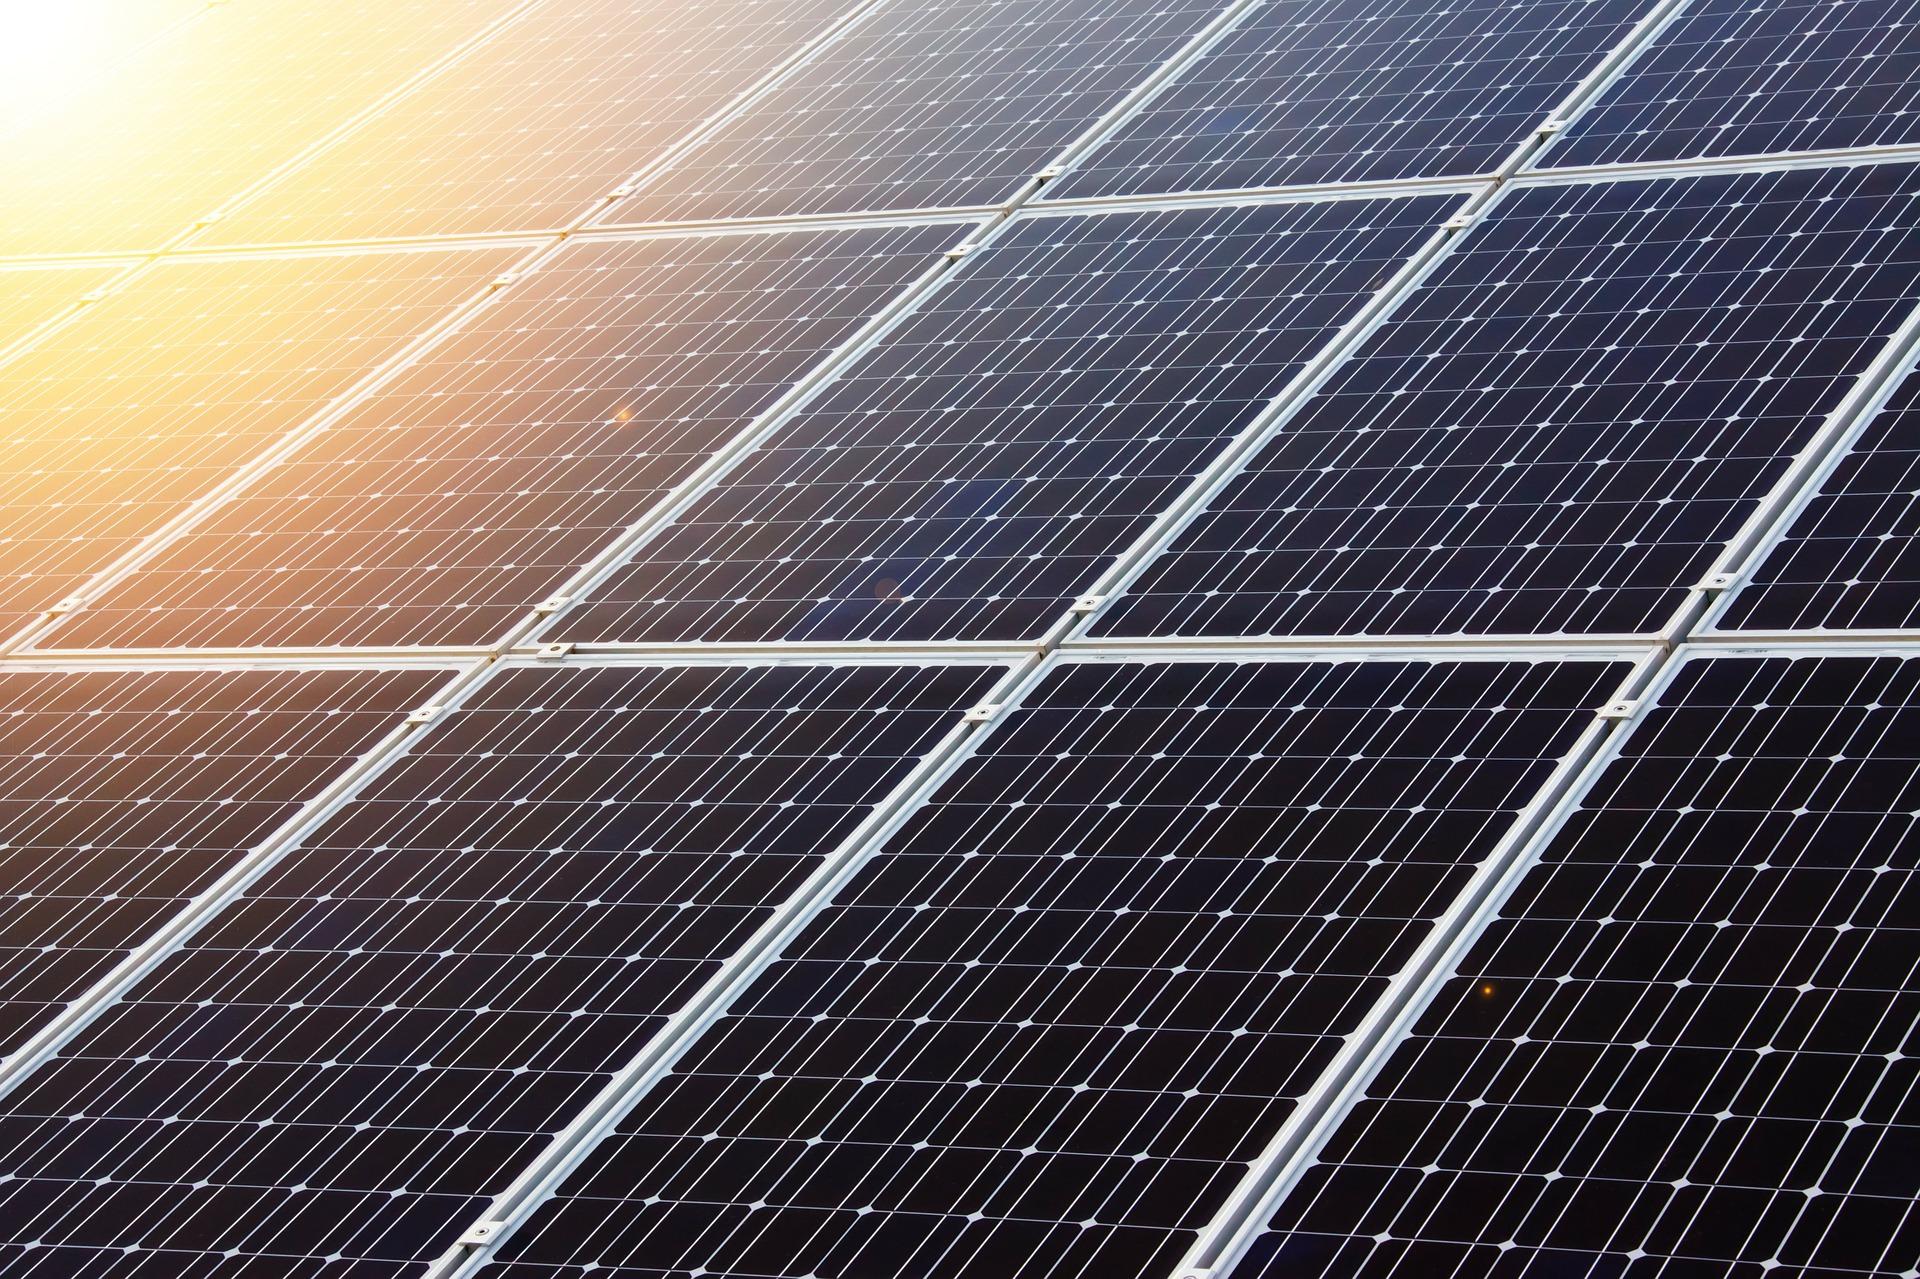 Saulės elektrinių prijungimo ir eksploatavimo iššūkiai (grupė pilna)